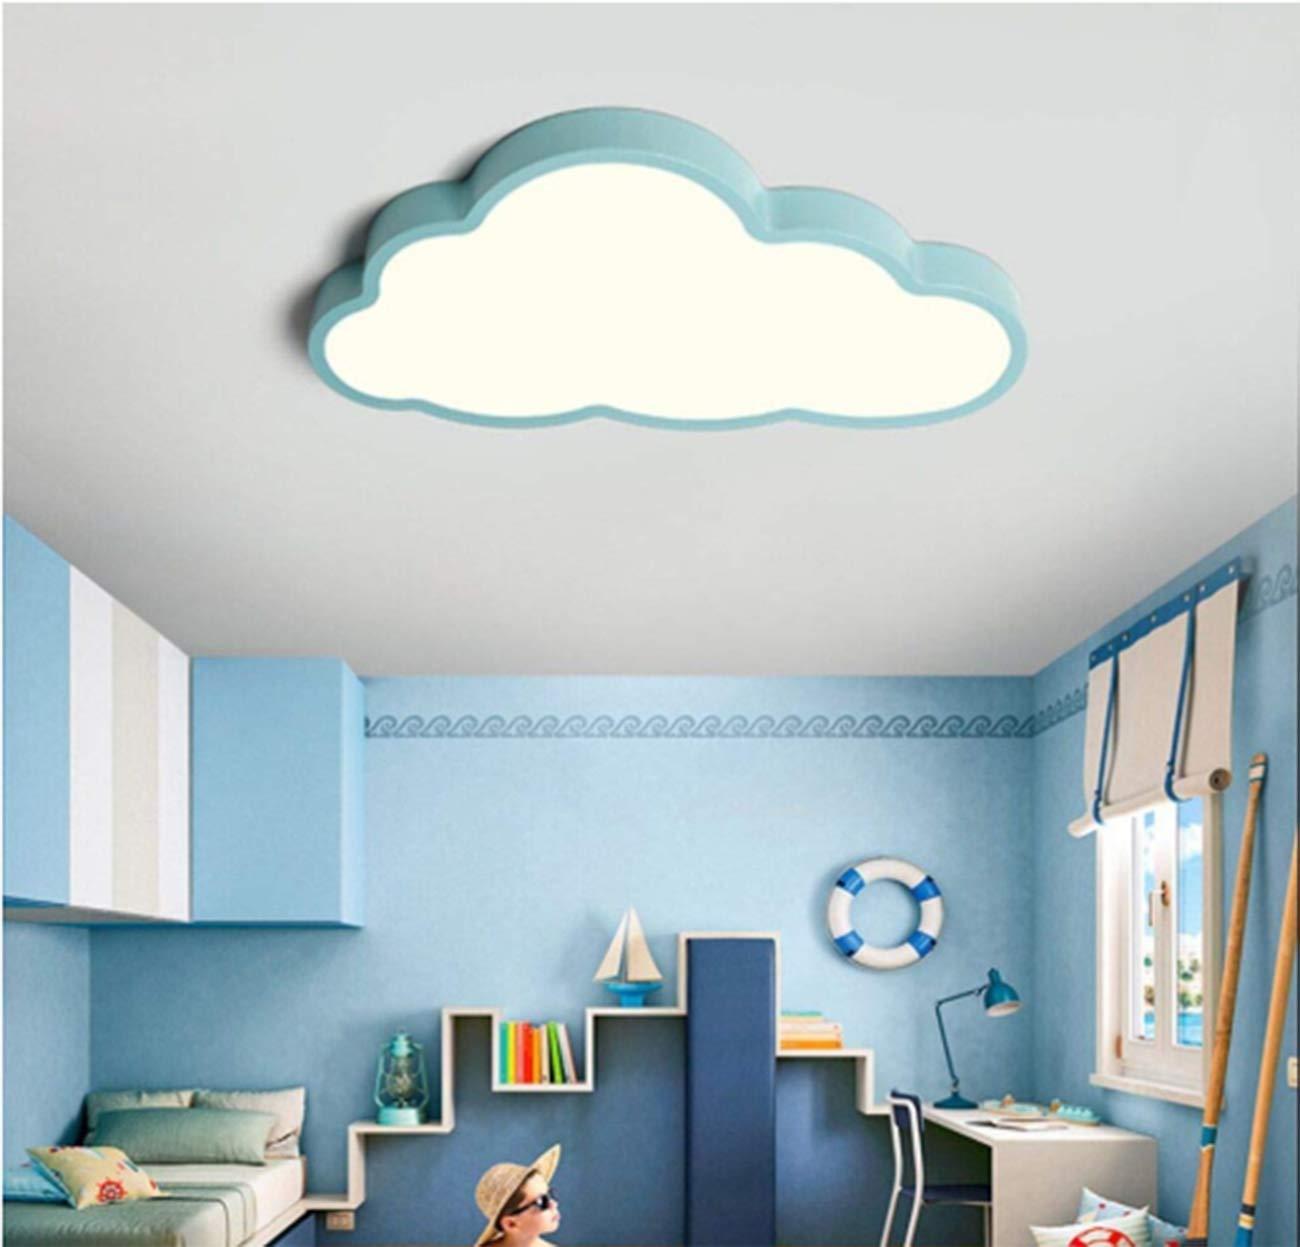 habitaci/ón 50 * 28 cm Led Plaf/ón en forma de nube Iluminaci/ón de techo Regulable con mando 36W Luz blanca, Borde azul luz de techo para ni/ños ultrafino 5 cm sal/ón l/ámpara de dormitorio